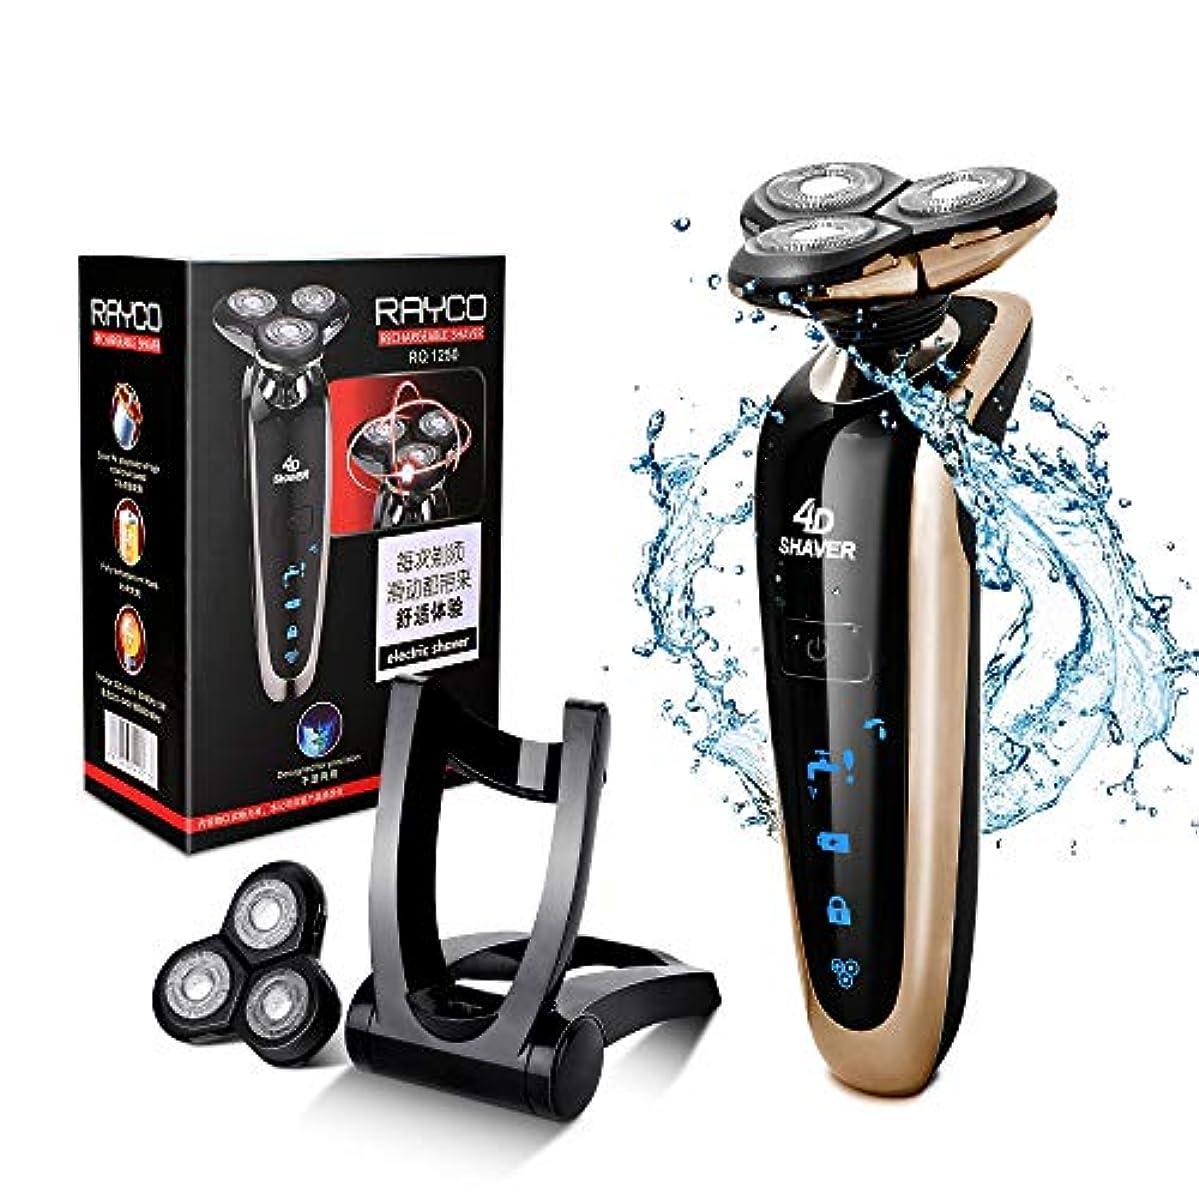 交換予算猛烈なひげそり 電動 メンズシェーバー CenBlueストア 3枚刃 お風呂剃り 乾湿両用 USB充電式 (1×スペア刃頭)